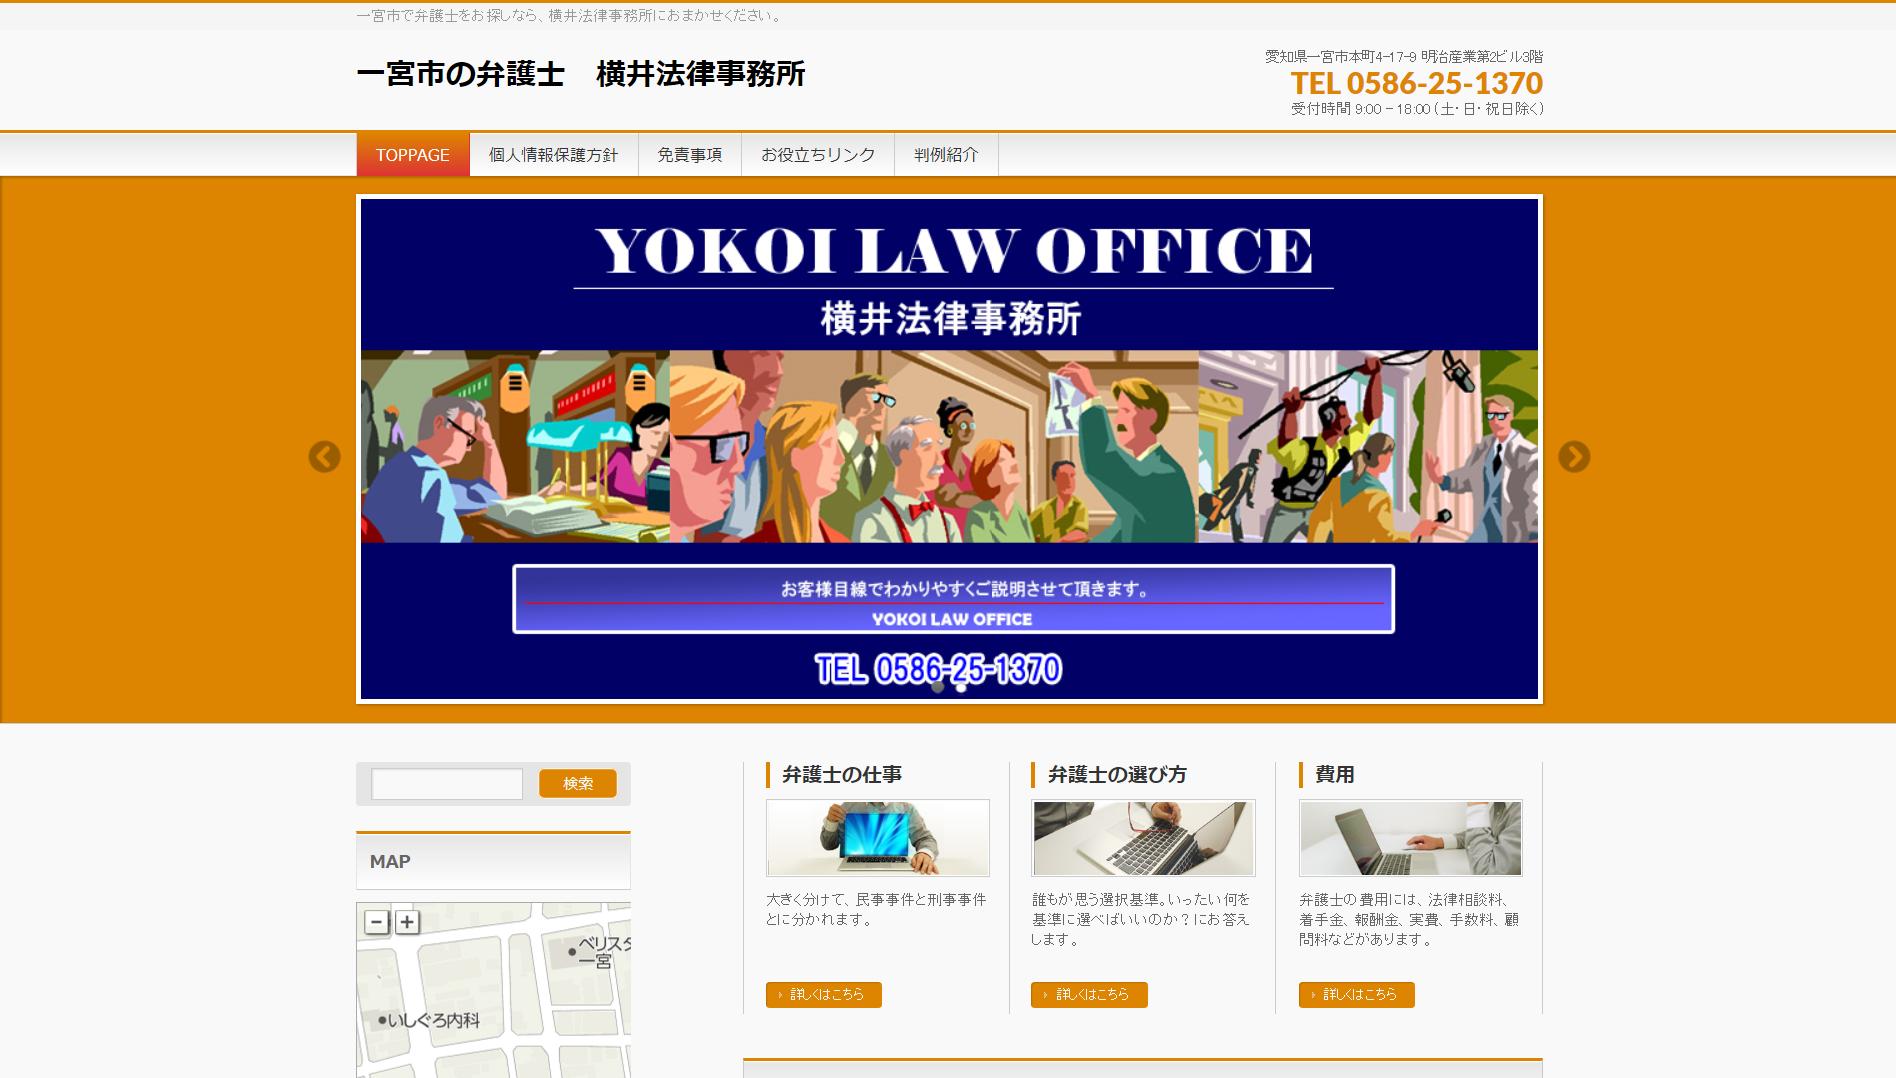 横井法律事務所